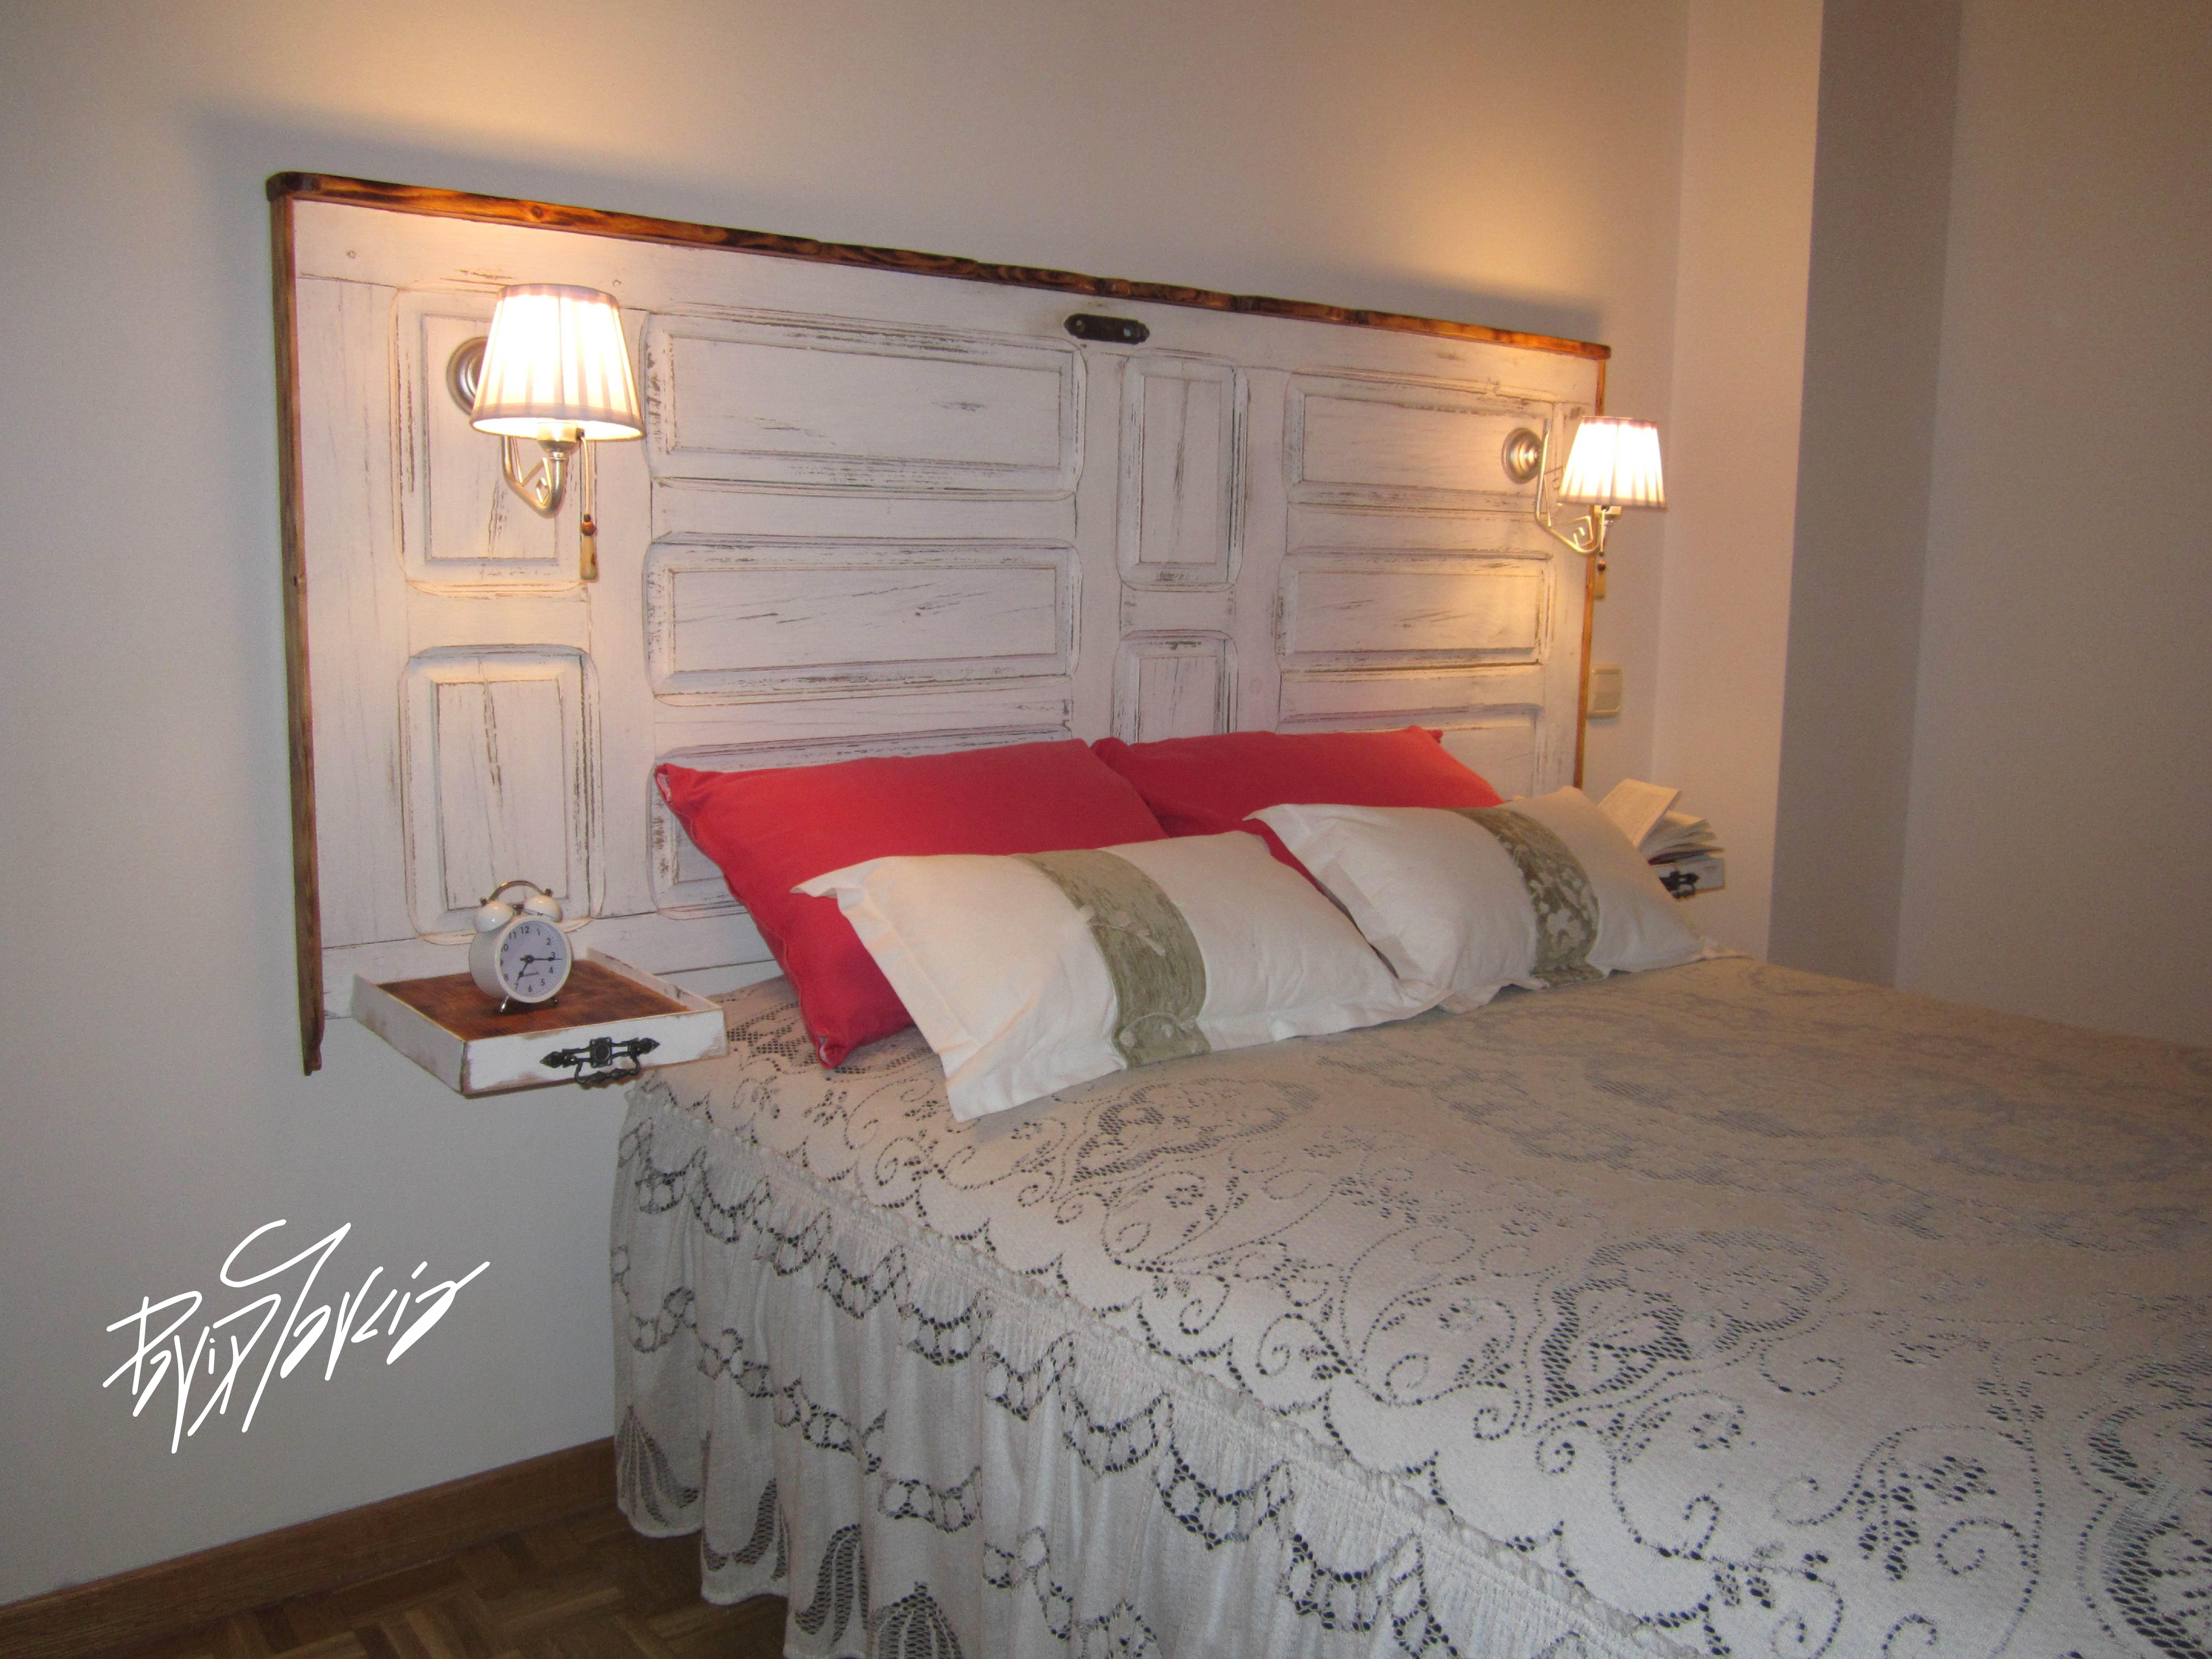 Decoraci n rustica rom ntica y fresca - Modelos de cabeceros de cama ...